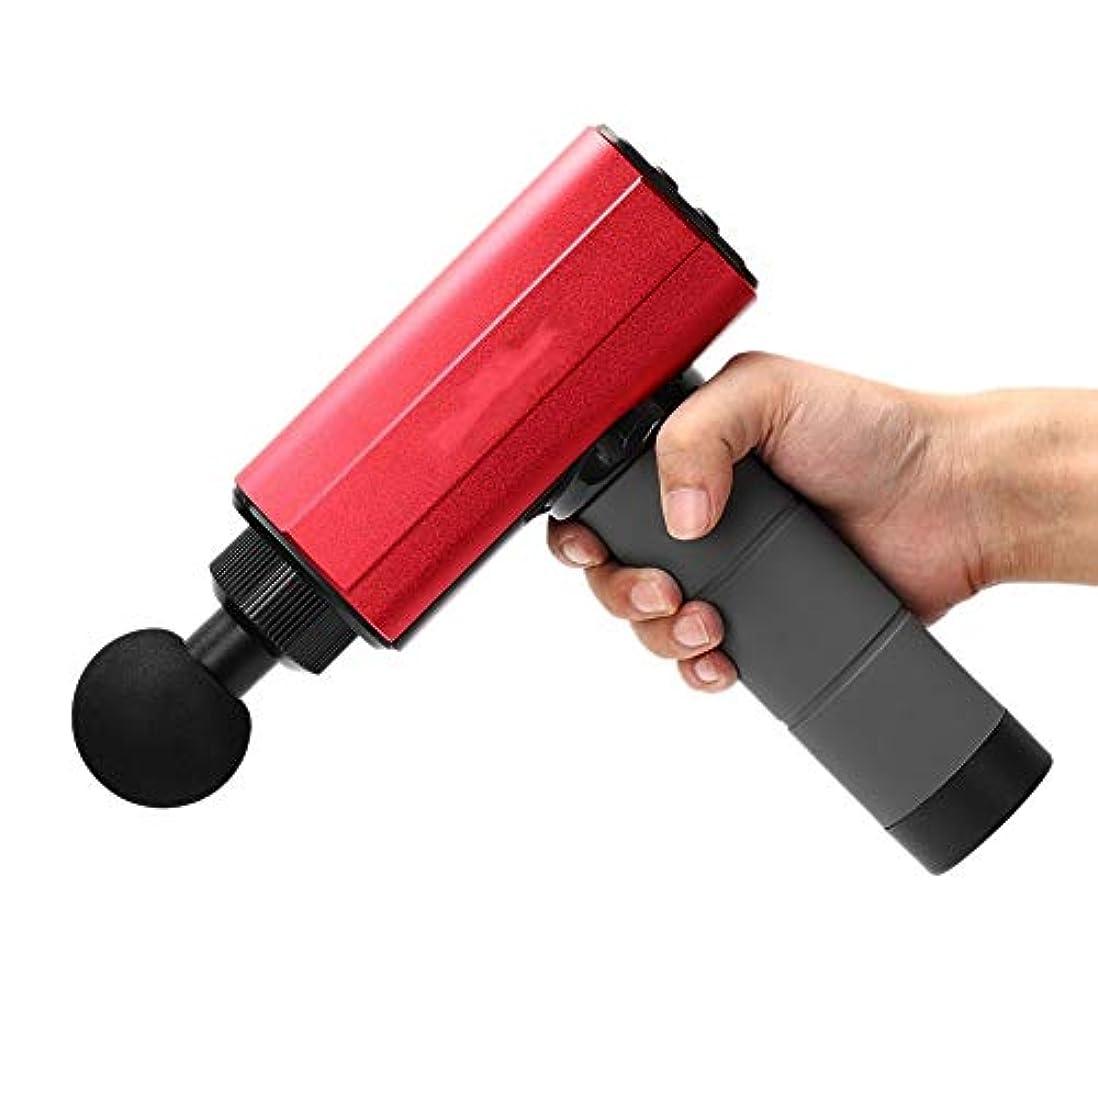 対抗平行アルファベット順手持ち型の深いティッシュ筋肉マッサージャー銃の再充電可能なマッサージ装置、体の痛みのための専門のコードレスパーカッション(US Plug)